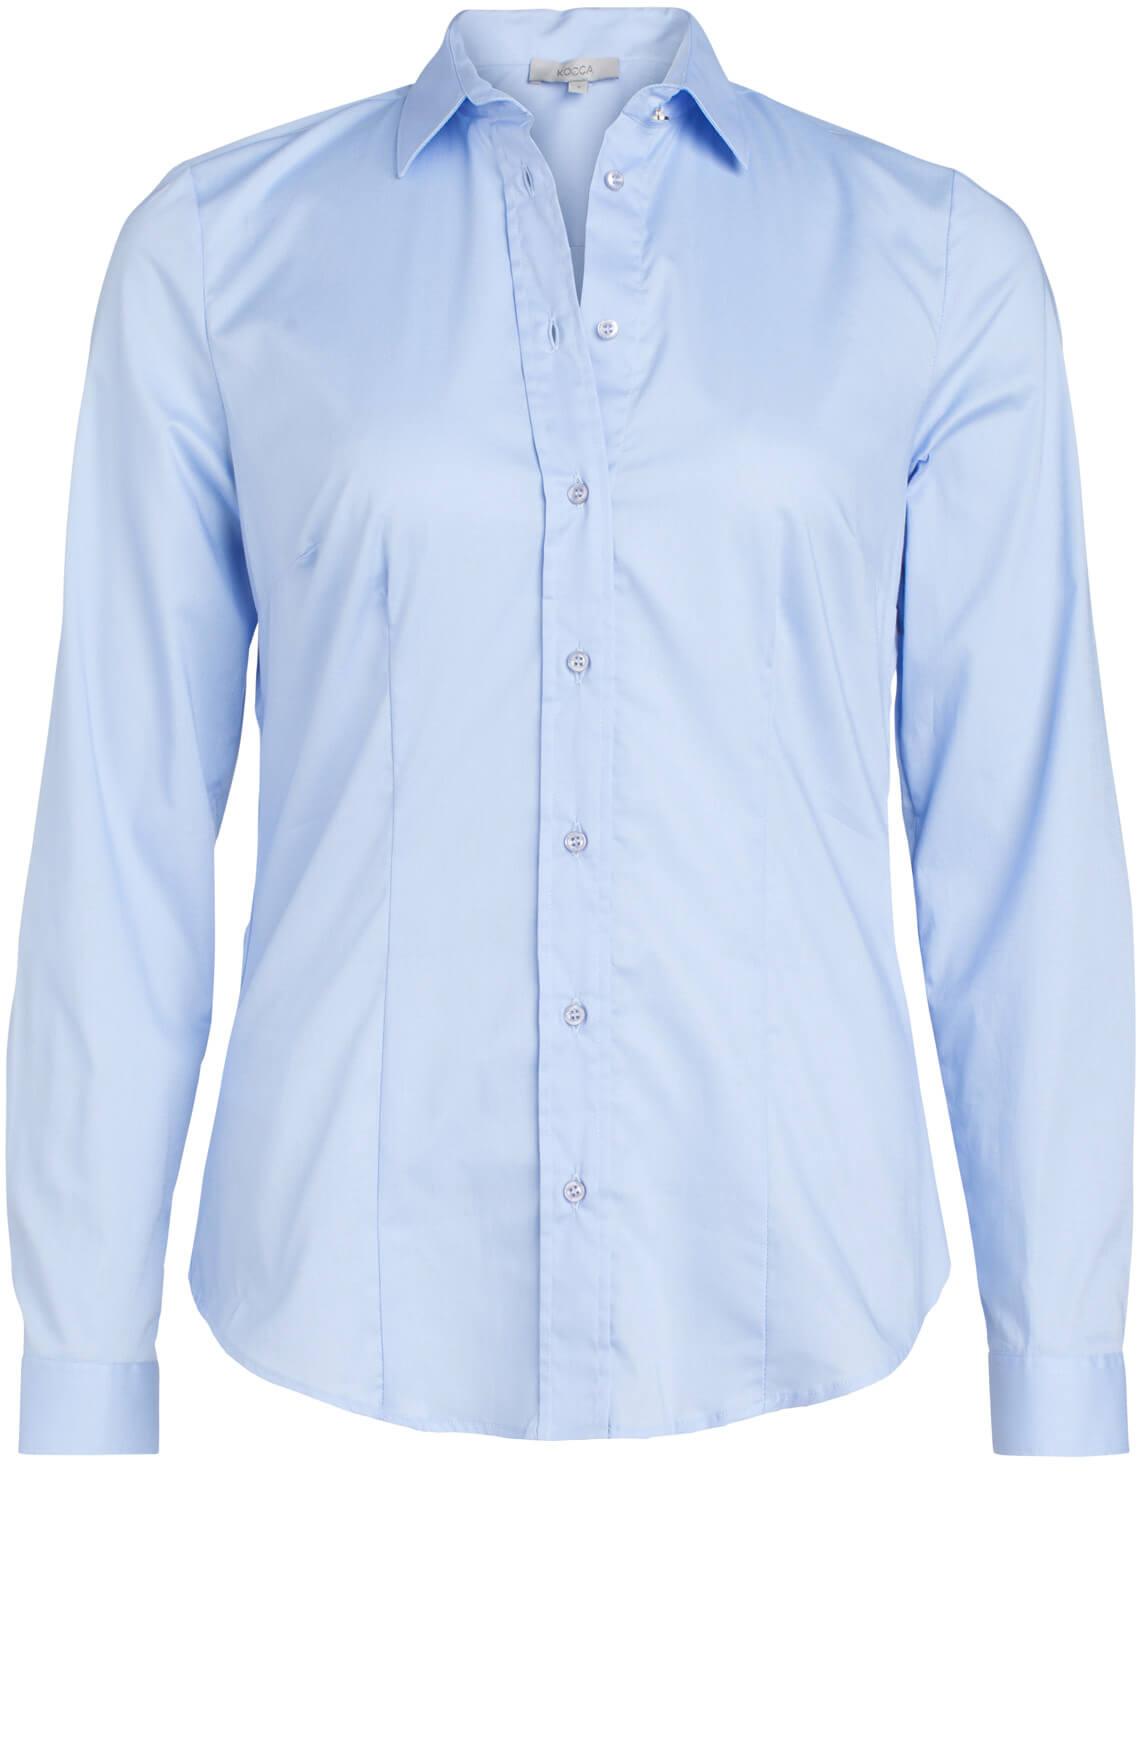 Kocca Dames Cirlew blouse blauw 0